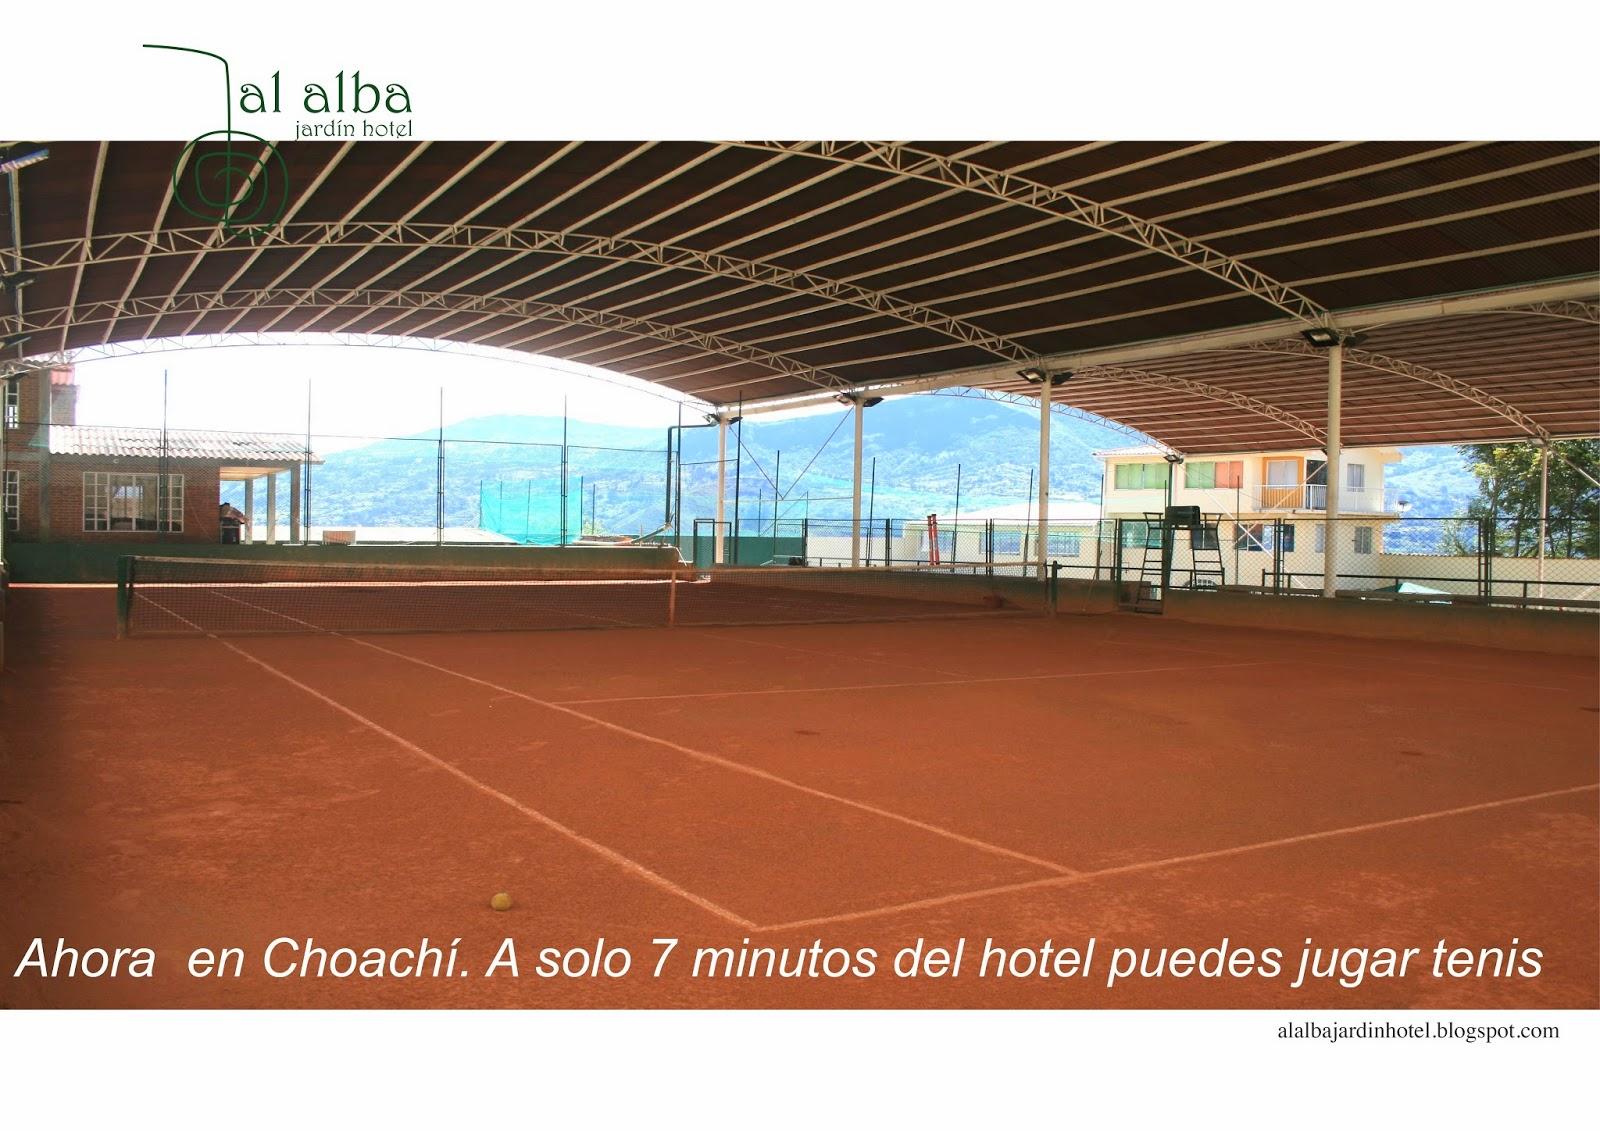 Al alba jardin hotel entorno for Al alba jardin hotel